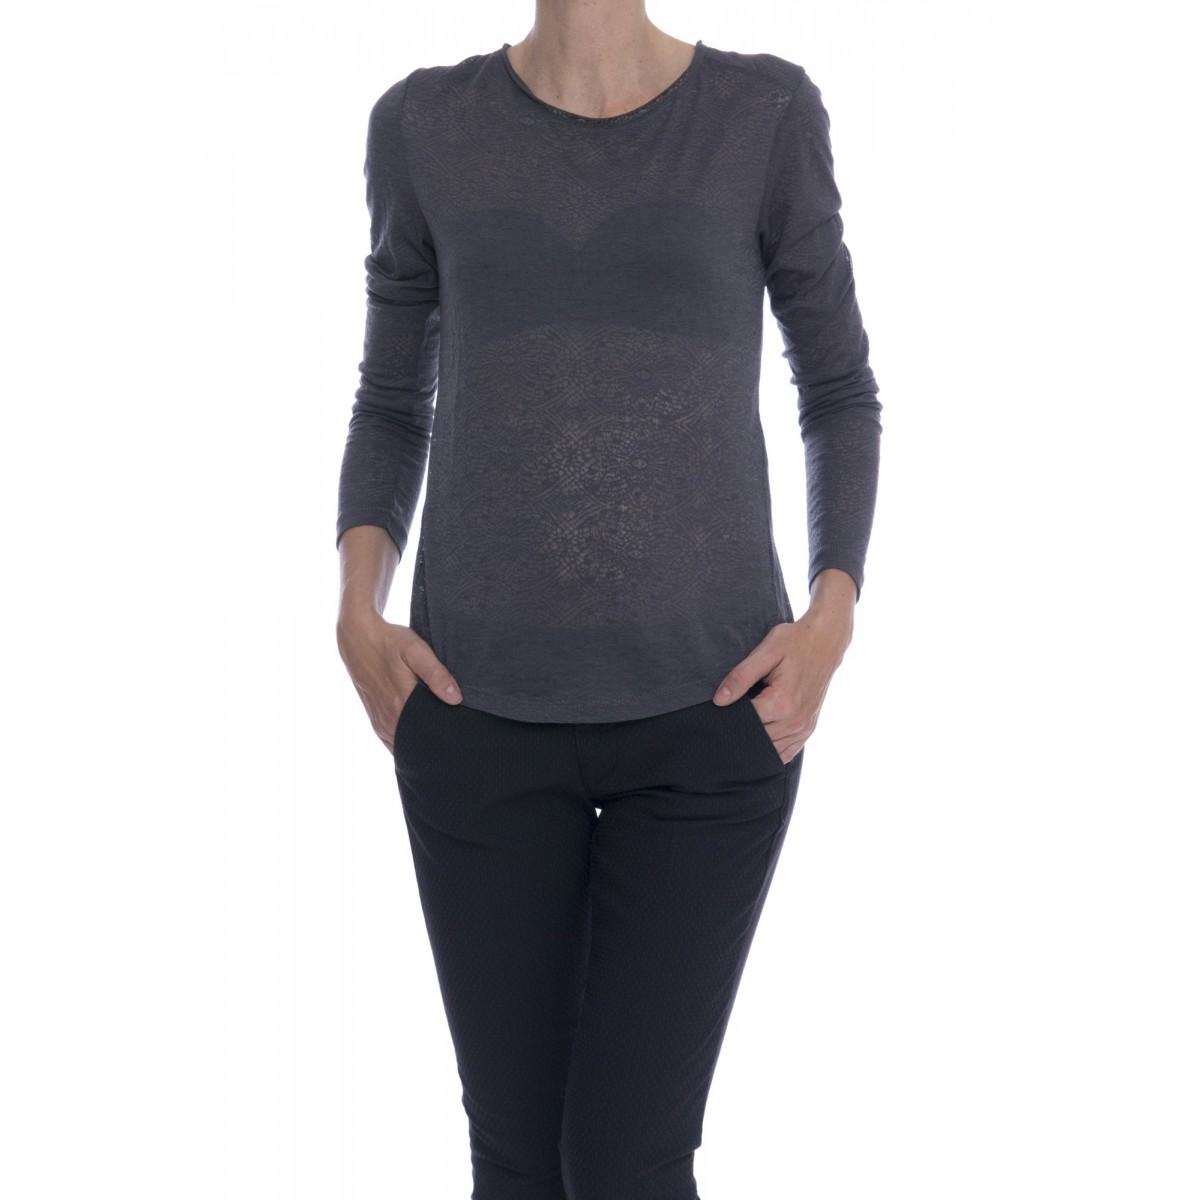 T-shirt donna 40 weft - Zoanne 9205 t-shirt